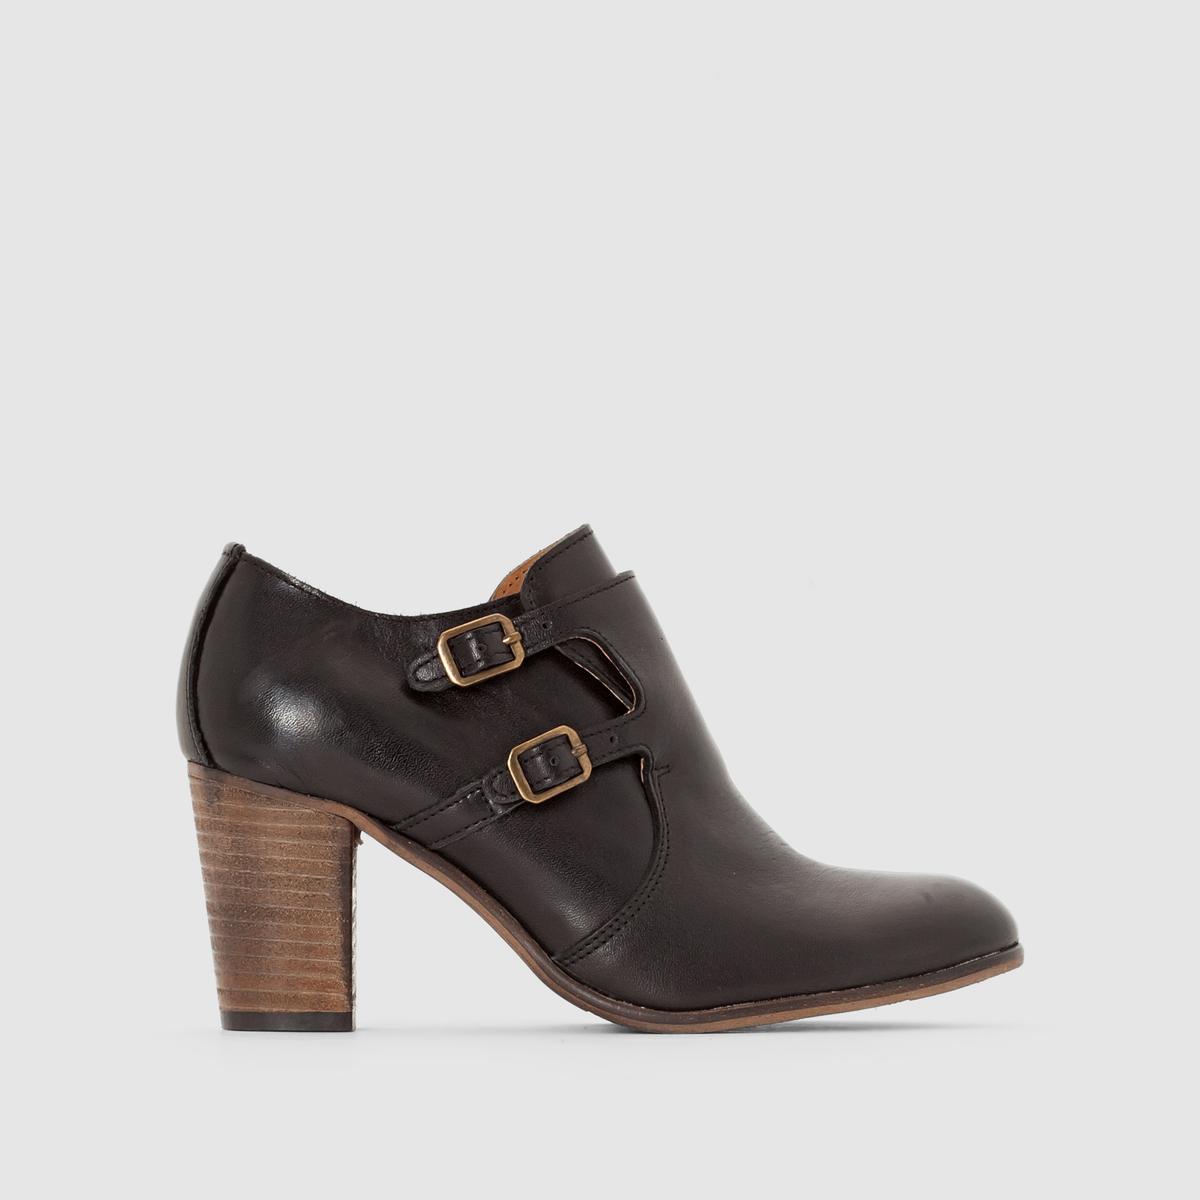 Ботинки-дерби кожаные на каблуке и с клапаном Dailymoc цены онлайн